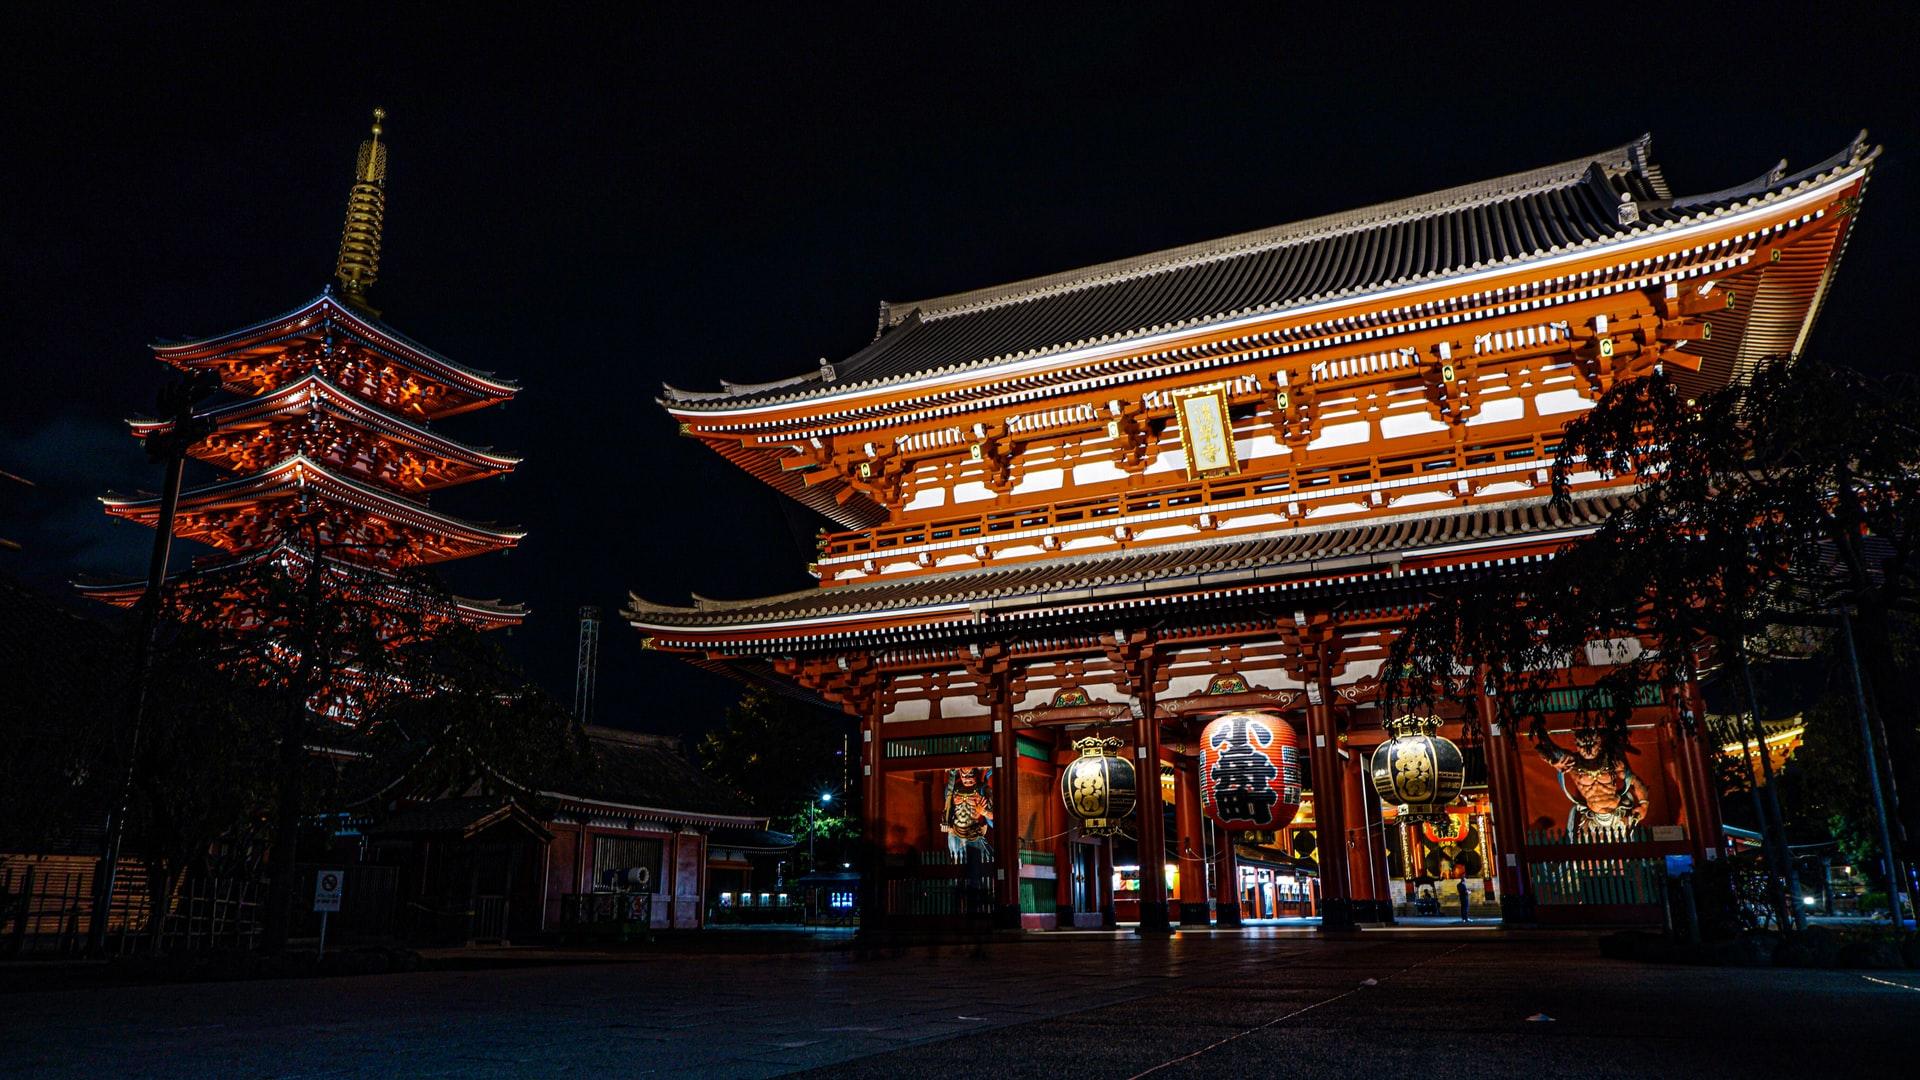 【縁結び】東京で行くべき恋愛運が上がる神社仏閣&パワースポット!10社巡りと恋愛エピソード満載の神社でハッピーに